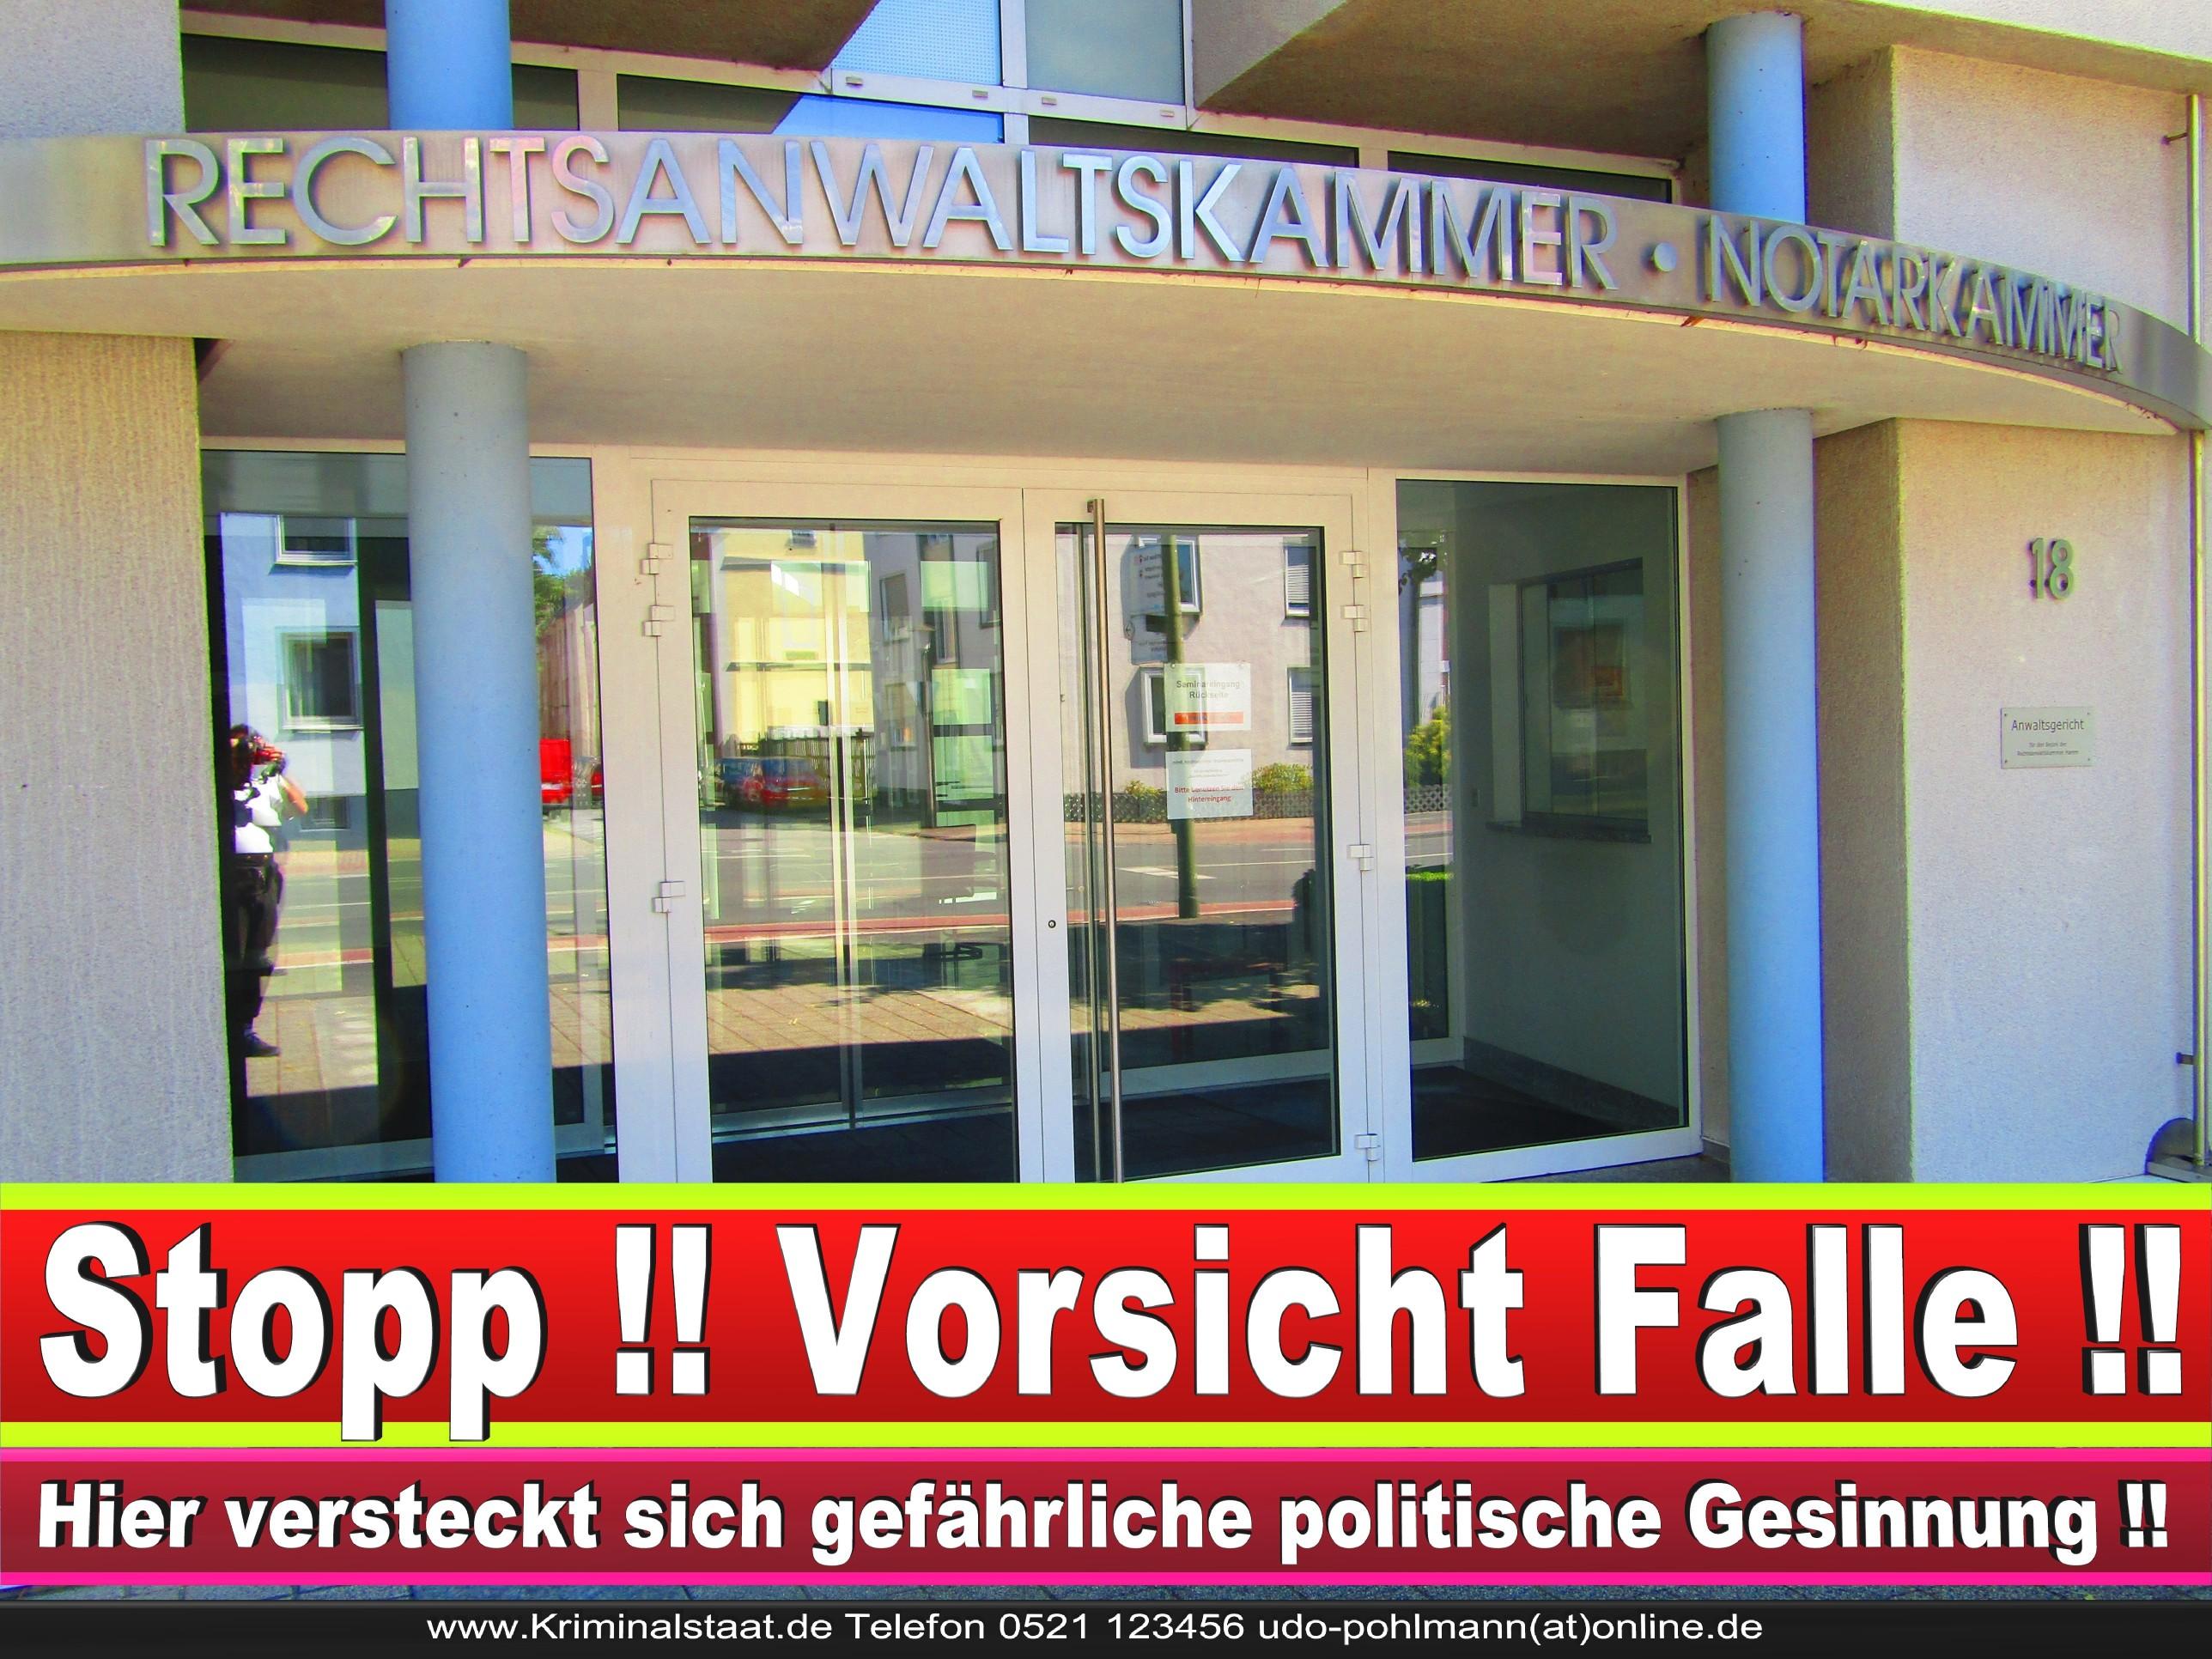 Rechtsanwaltskammer Hamm NRW Justizminister Rechtsanwalt Notar Vermögensverfall Urteil Rechtsprechung CDU SPD FDP Berufsordnung Rechtsanwälte Rechtsprechung (7) 1